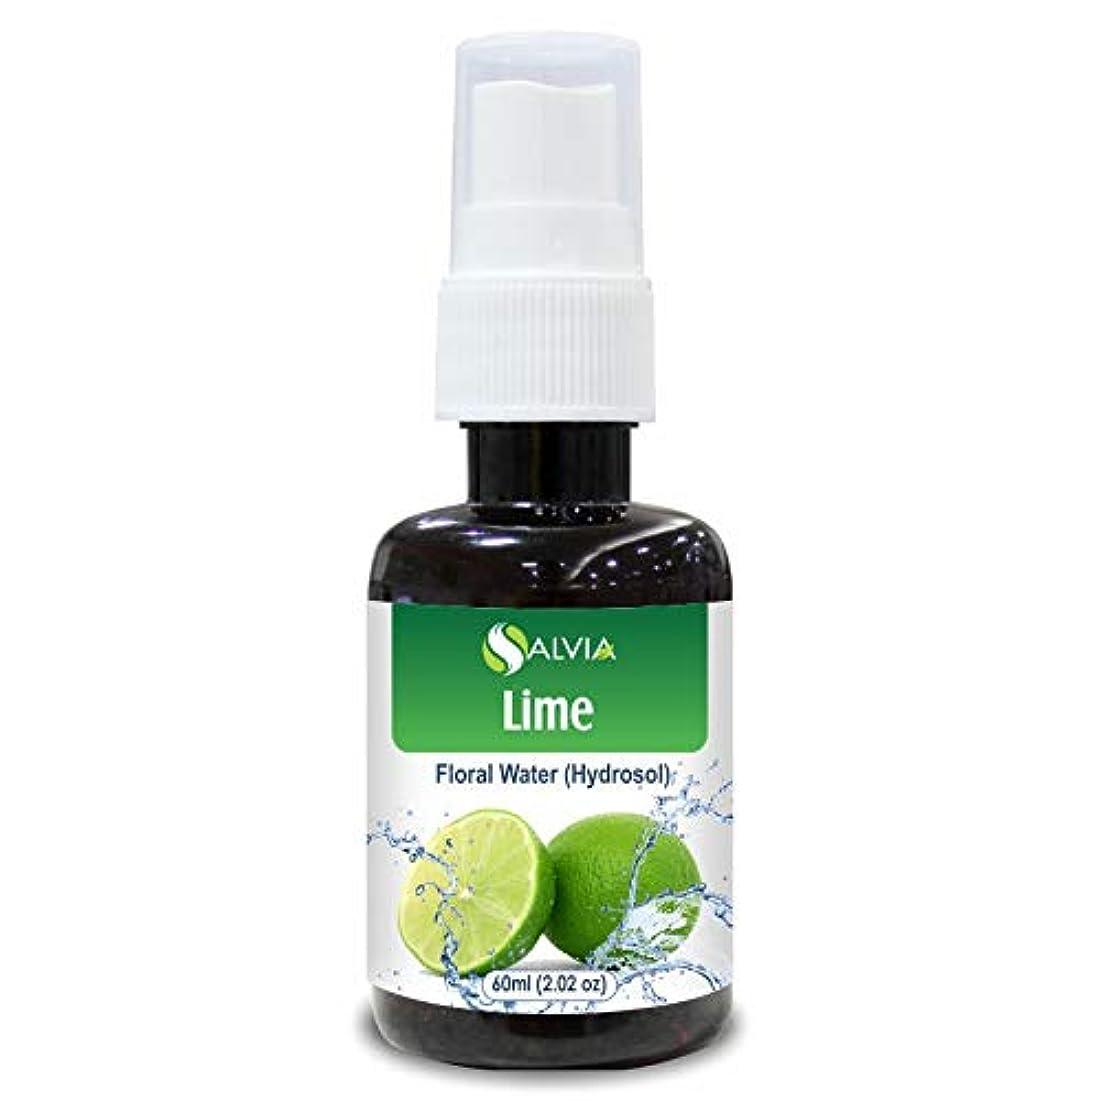 知恵申し込むディンカルビルLime Floral Water 60ml (Hydrosol) 100% Pure And Natural